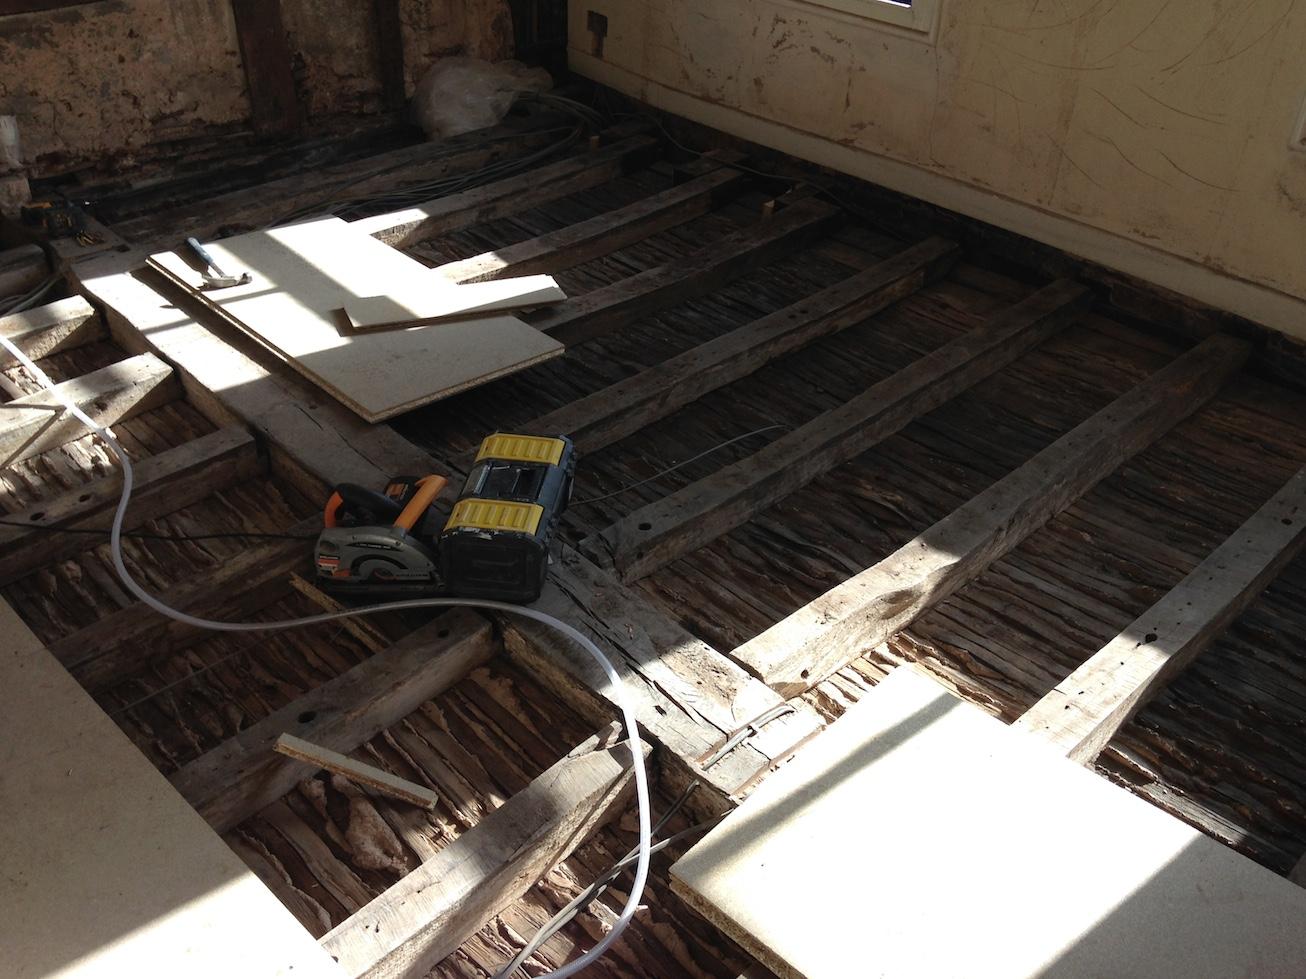 Repair works on the second floor